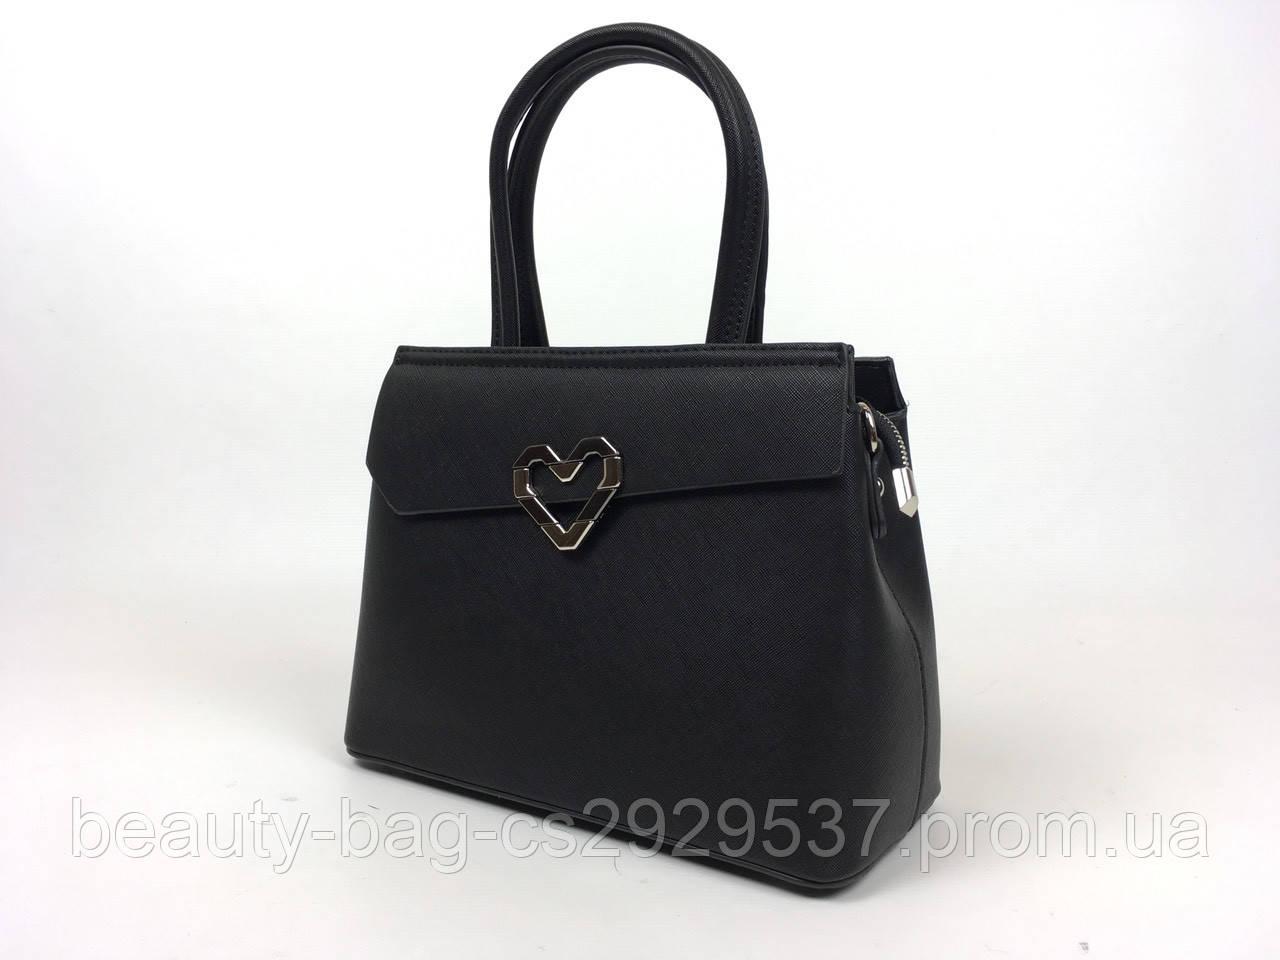 Сумка женская каркасная 6533 Noir Black черная